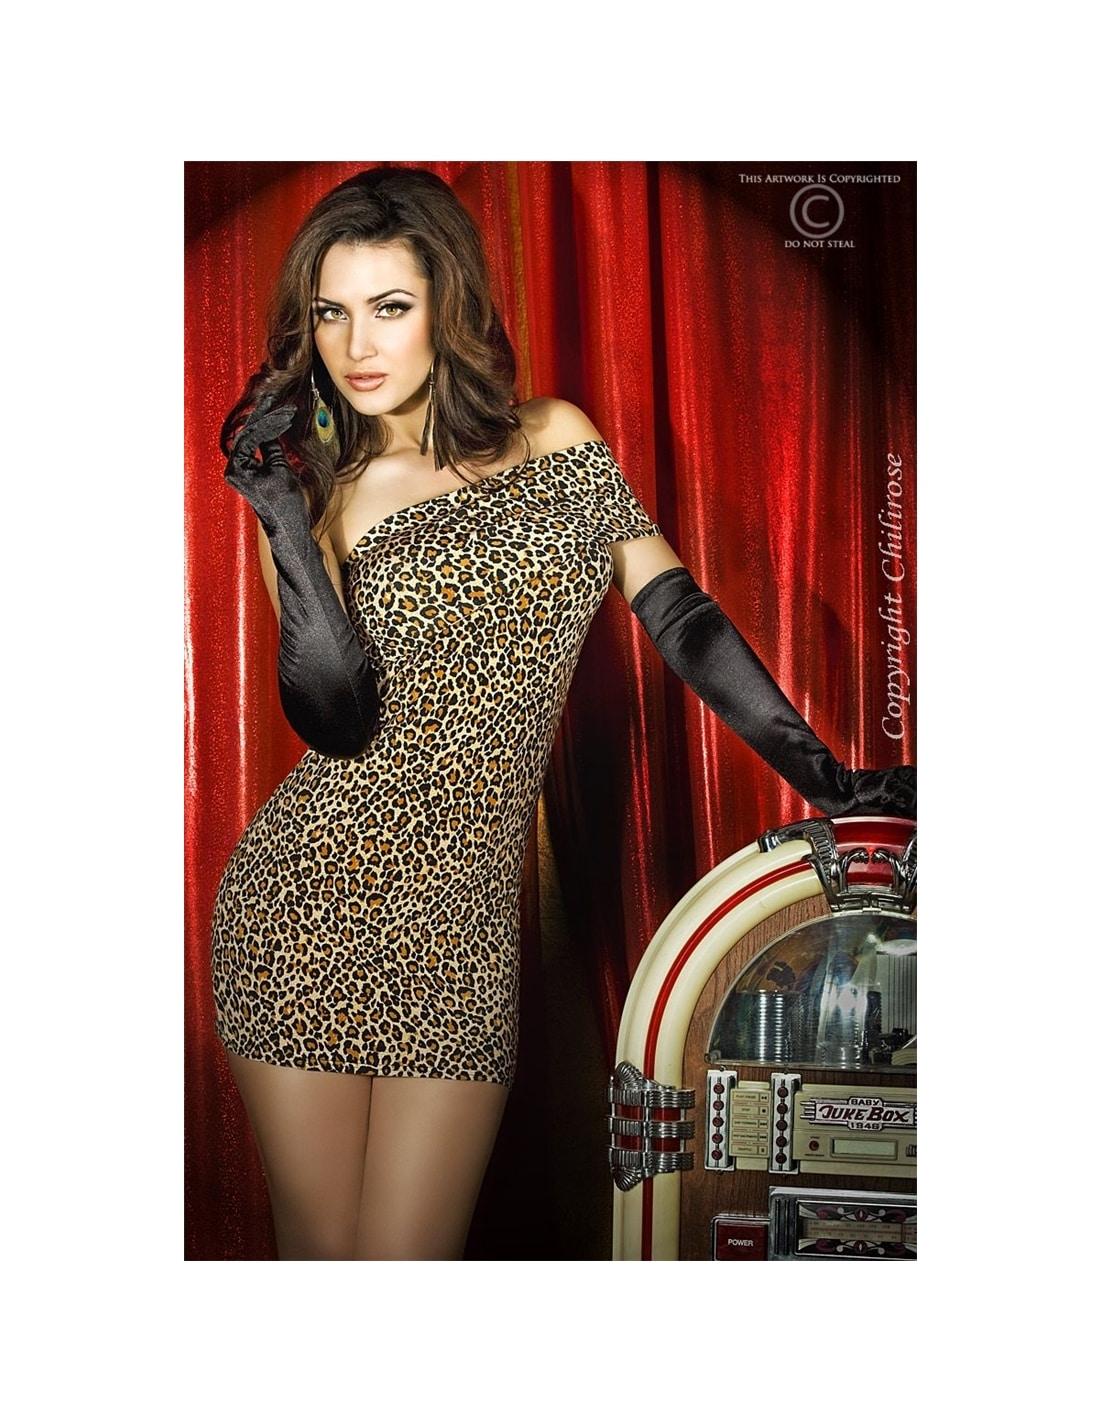 PR2010318420 - Vestido Cr-3322 Leopardo - 36-38 S/M-PR2010318420